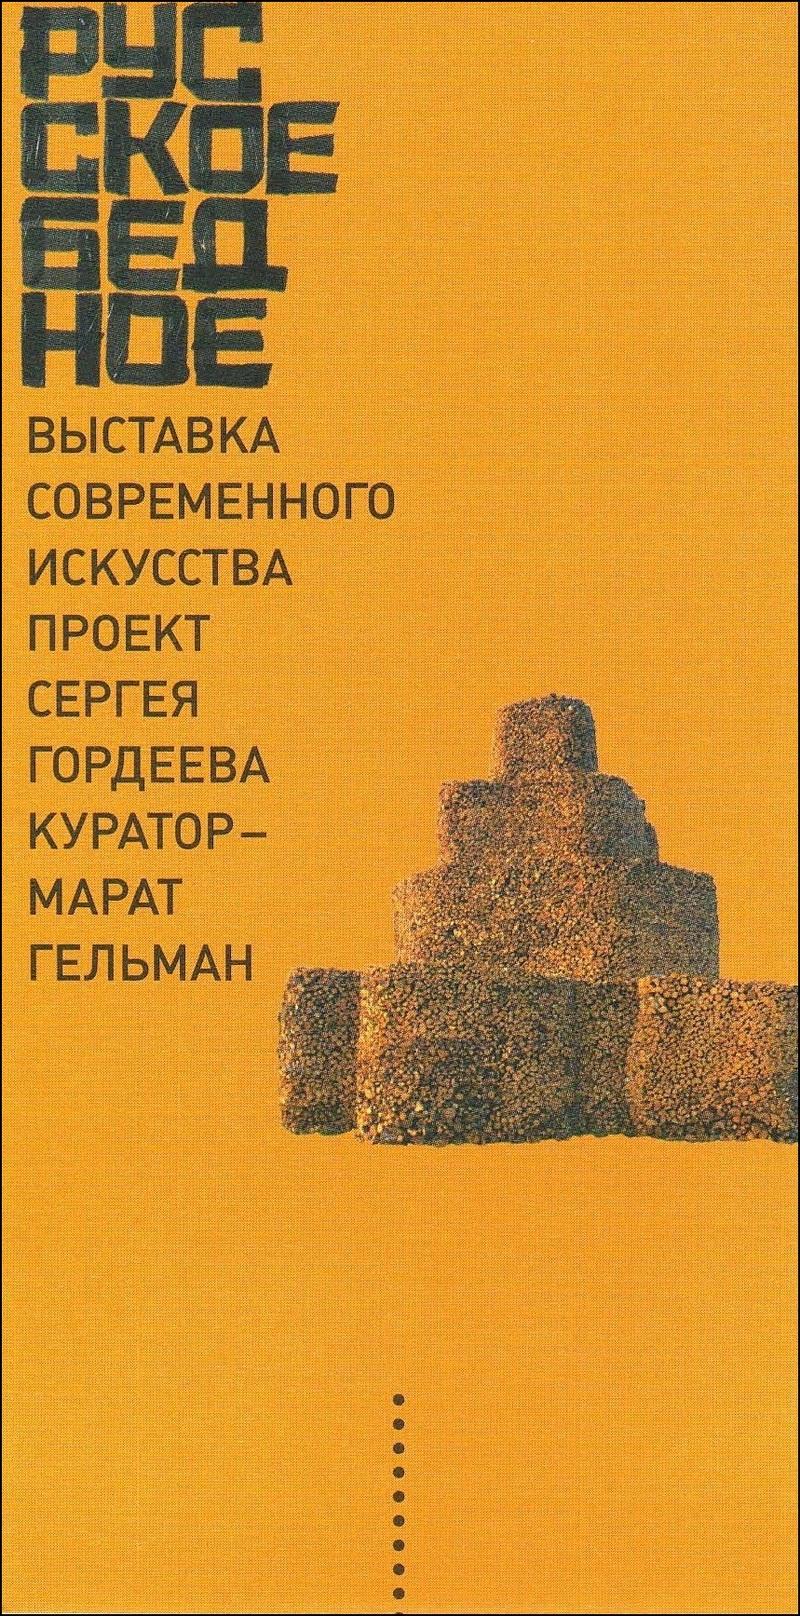 Выставка современного искусства «Русское бедное» в Перми